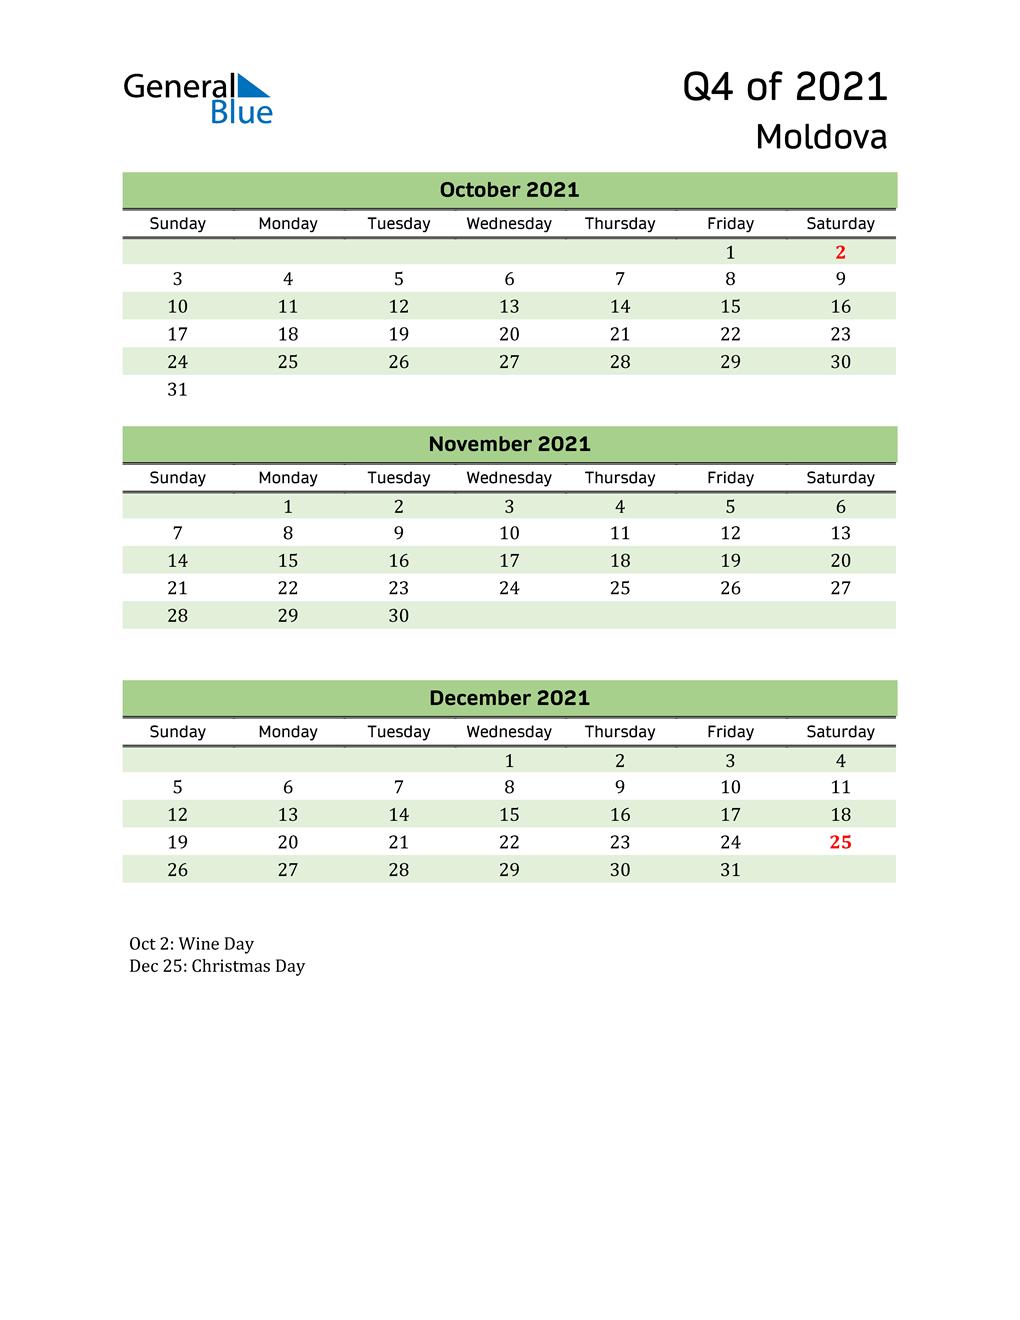 Quarterly Calendar 2021 with Moldova Holidays